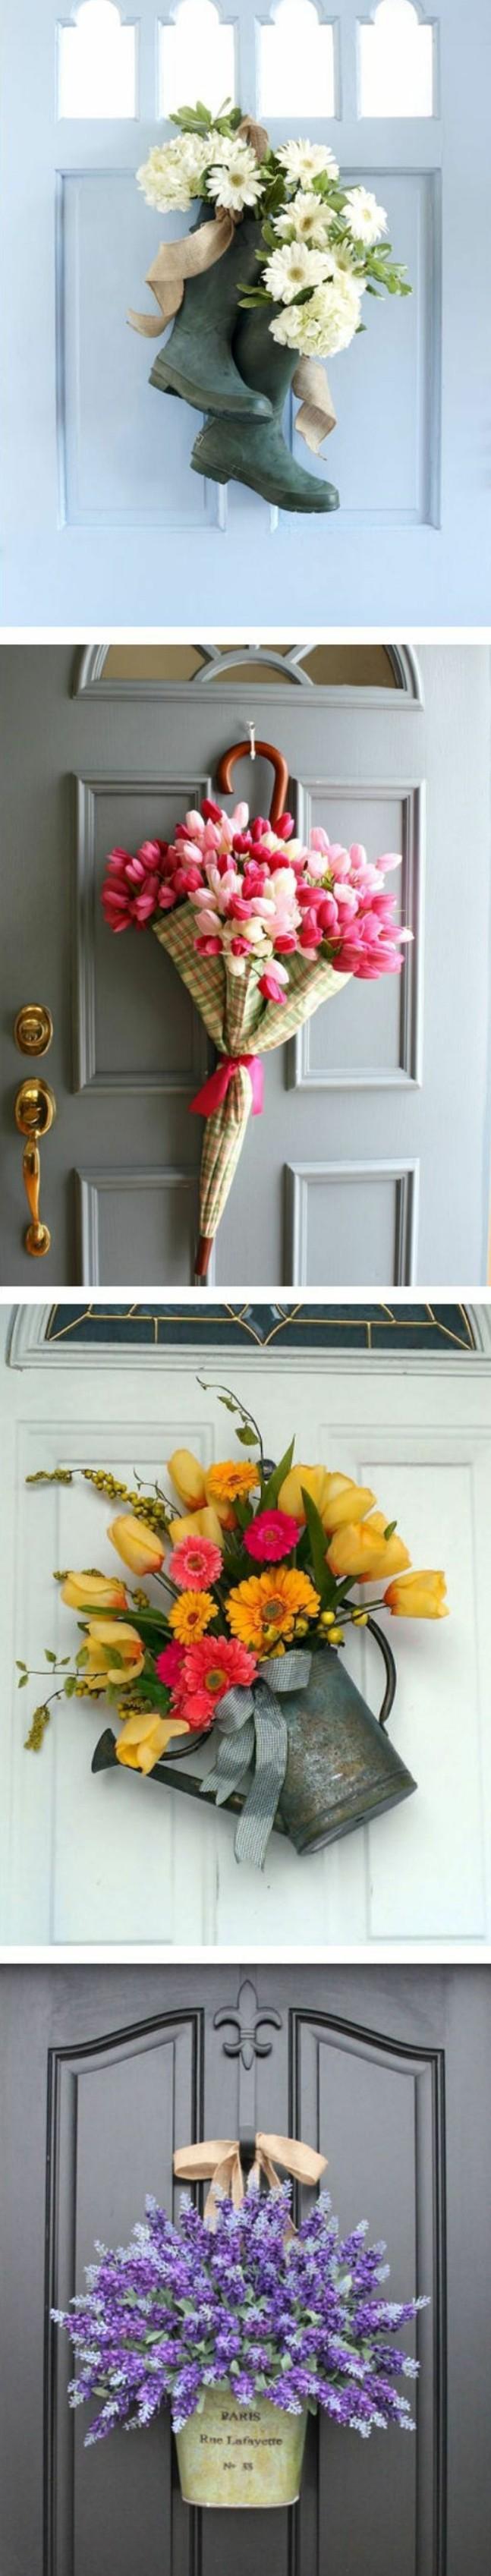 decoration-florale-porte-entrée-maison-idée-ctivité-créative-printemps-bouquets-de-fleurs-dans-des-bottes-parapluie-fleurie-et-arroisoir-pleine-de-fleurs-bricolage-adulte